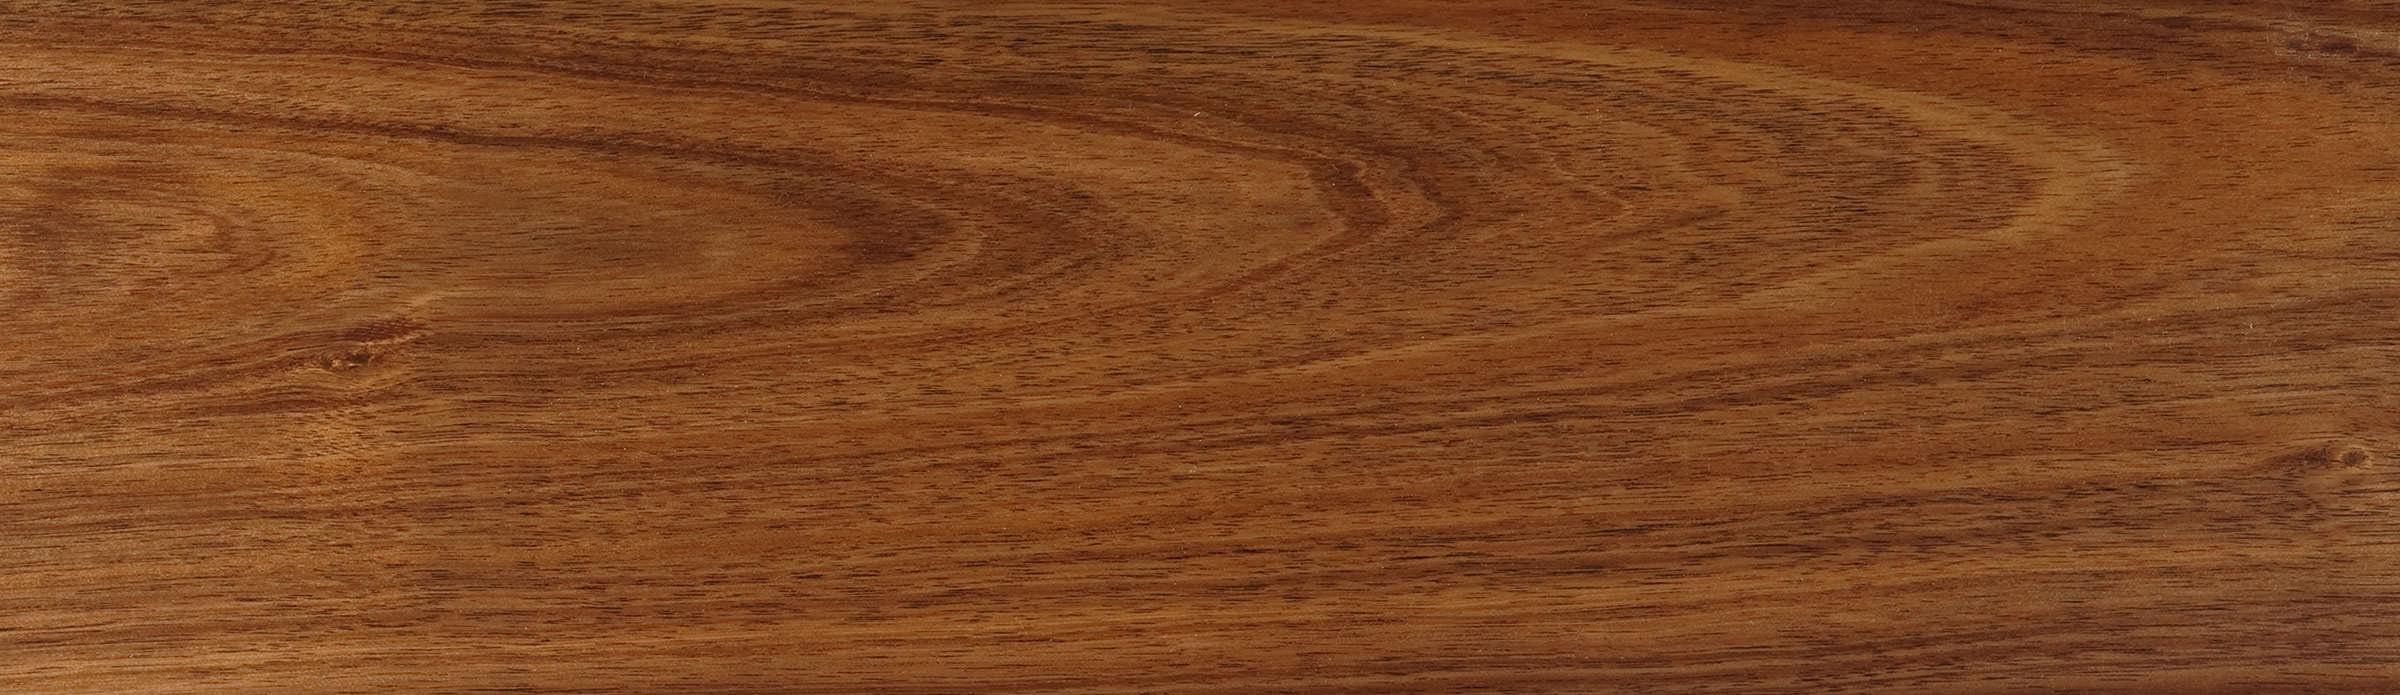 Tasmanian Blackwood Carrolls Wholesale Timber